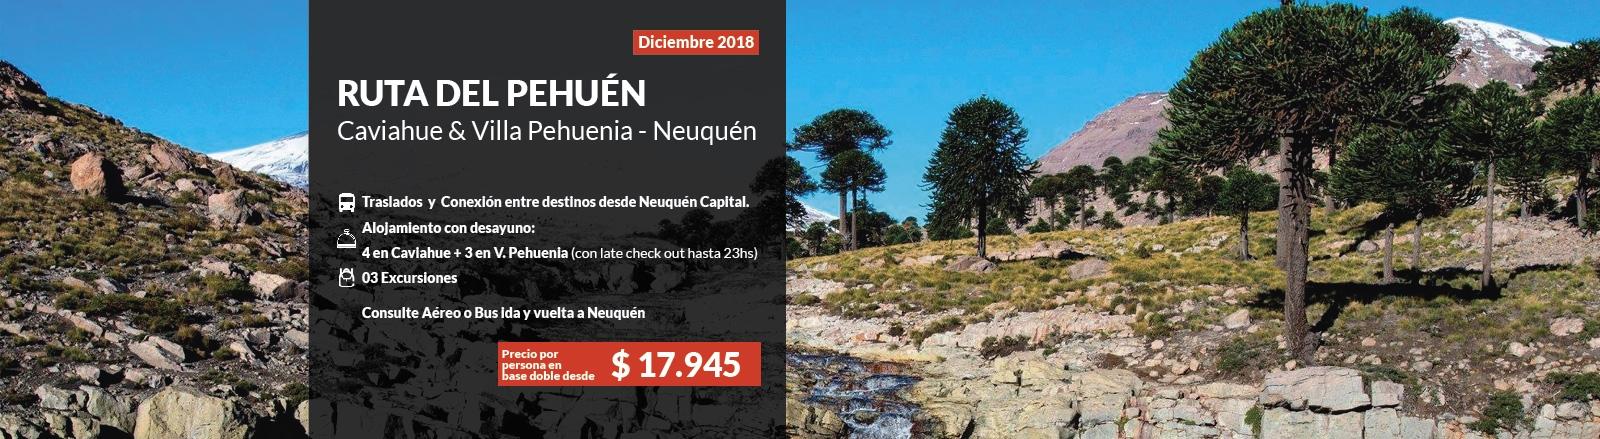 Ruta del Pehuen Villa Pehuenia & Caviahue